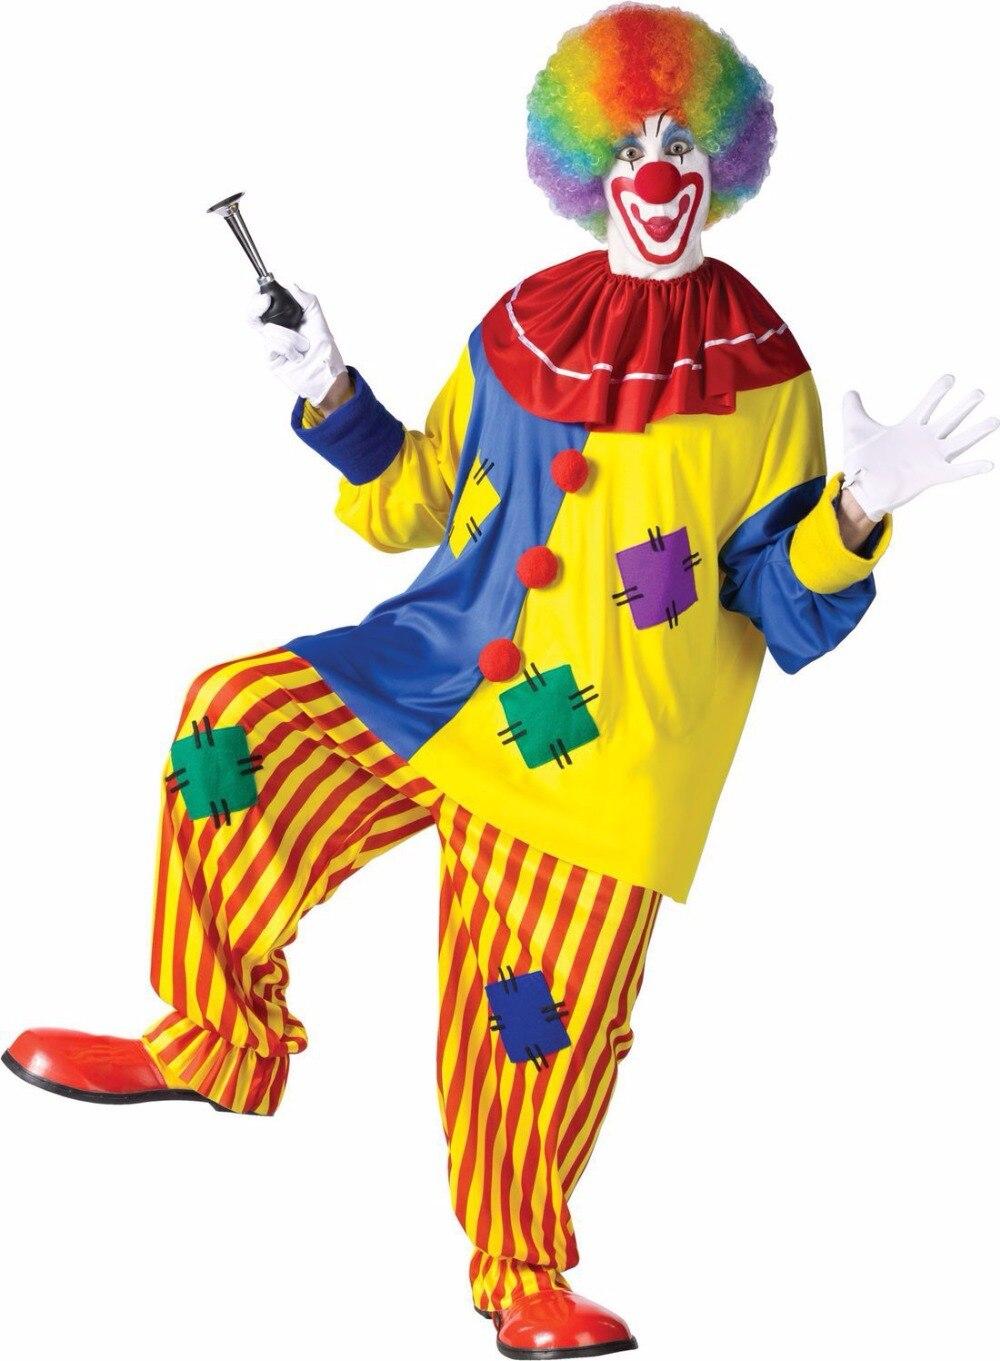 ハロウィンアメージングサーカスパフォーマンスピエロ衣装大人道化ハロウィーンユニセックスコスプレ服ジャンプスーツトップ+パンツ+鼻